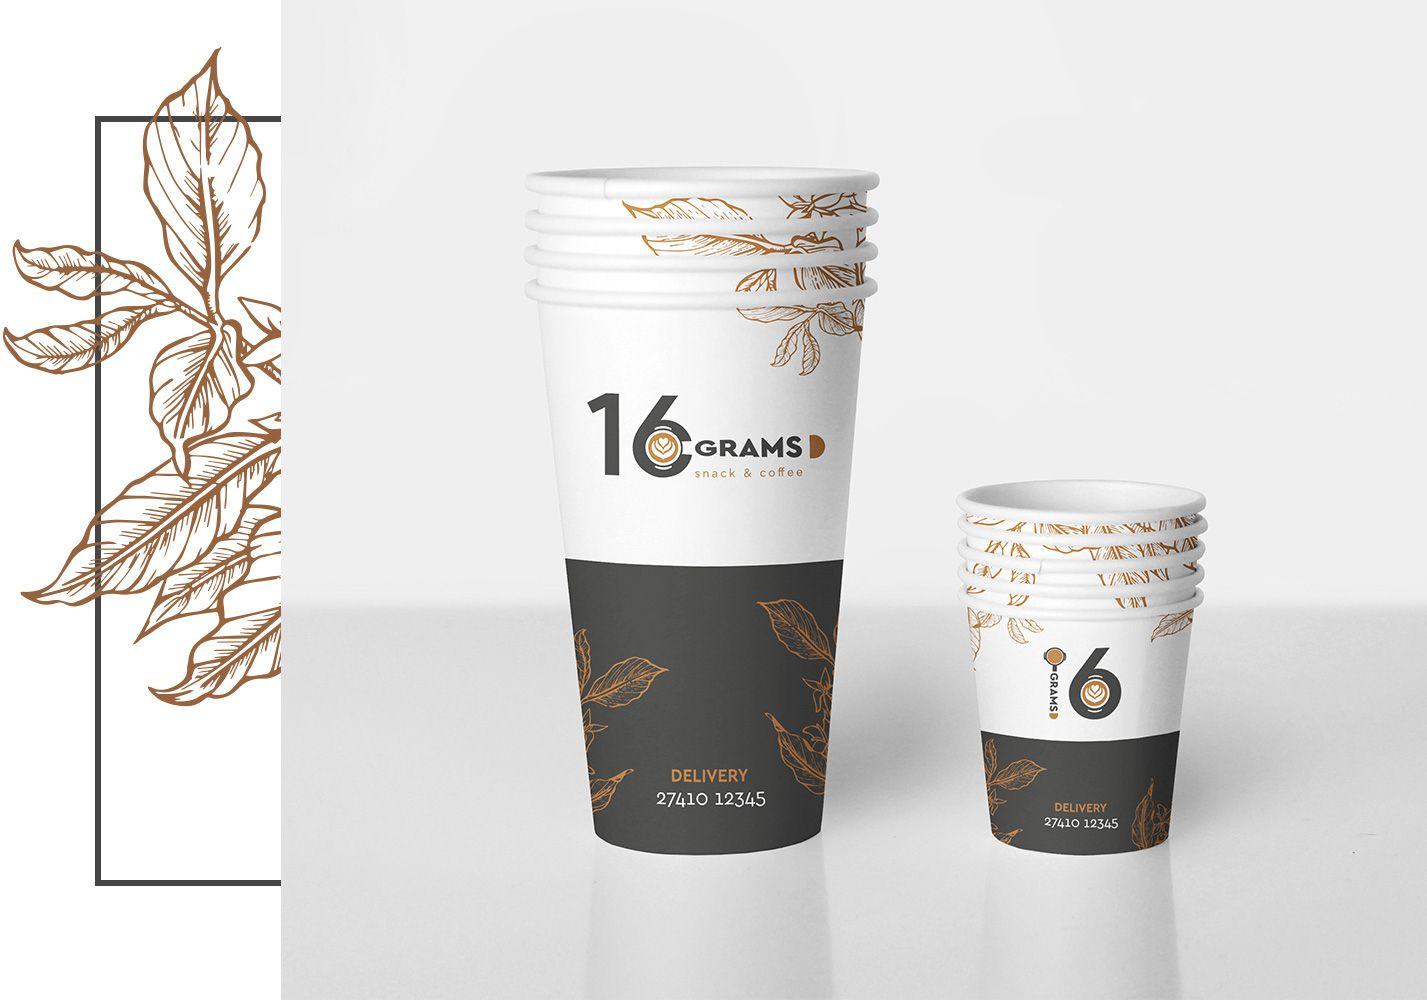 Σχεδιασμός συσκευασίας για cafe